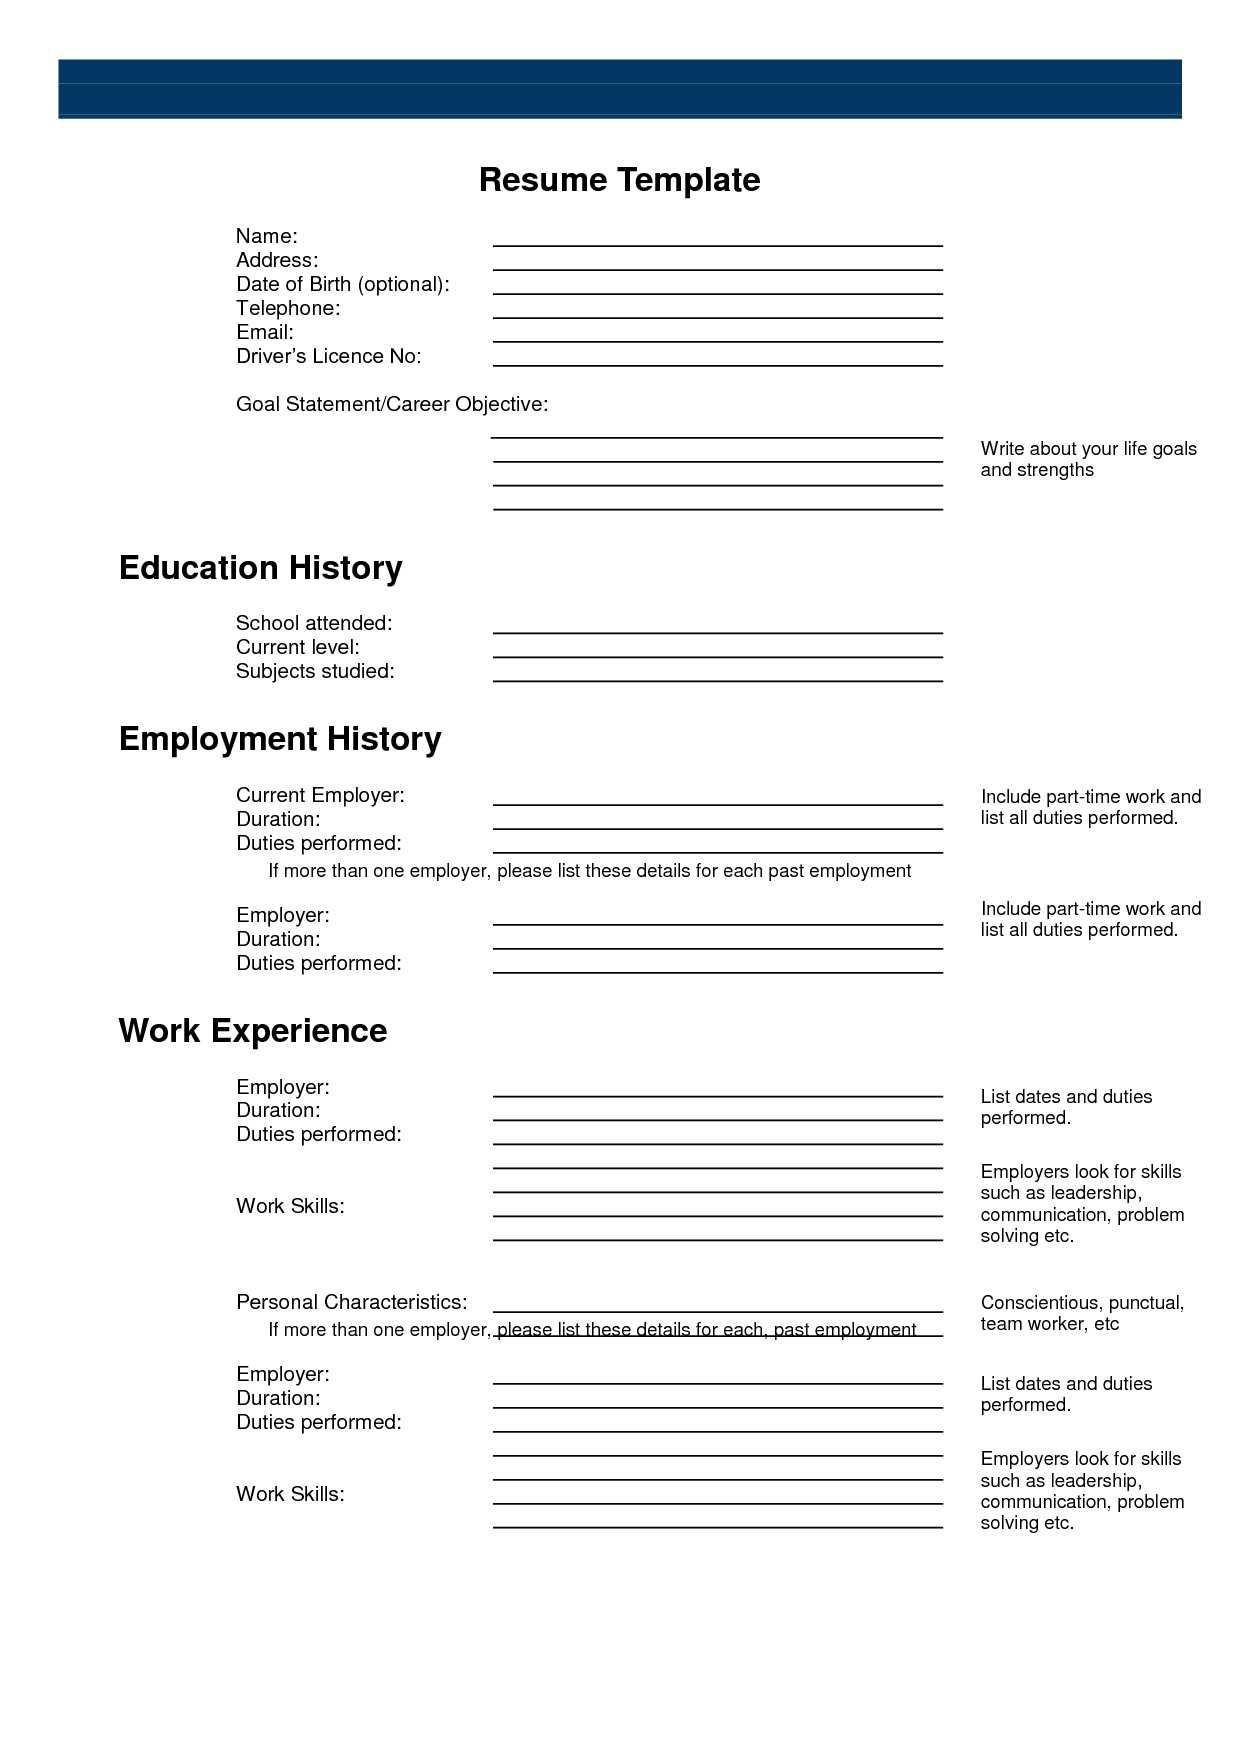 003 Resume Templates Free Printable Template ~ Ulyssesroom - Free Printable Resume